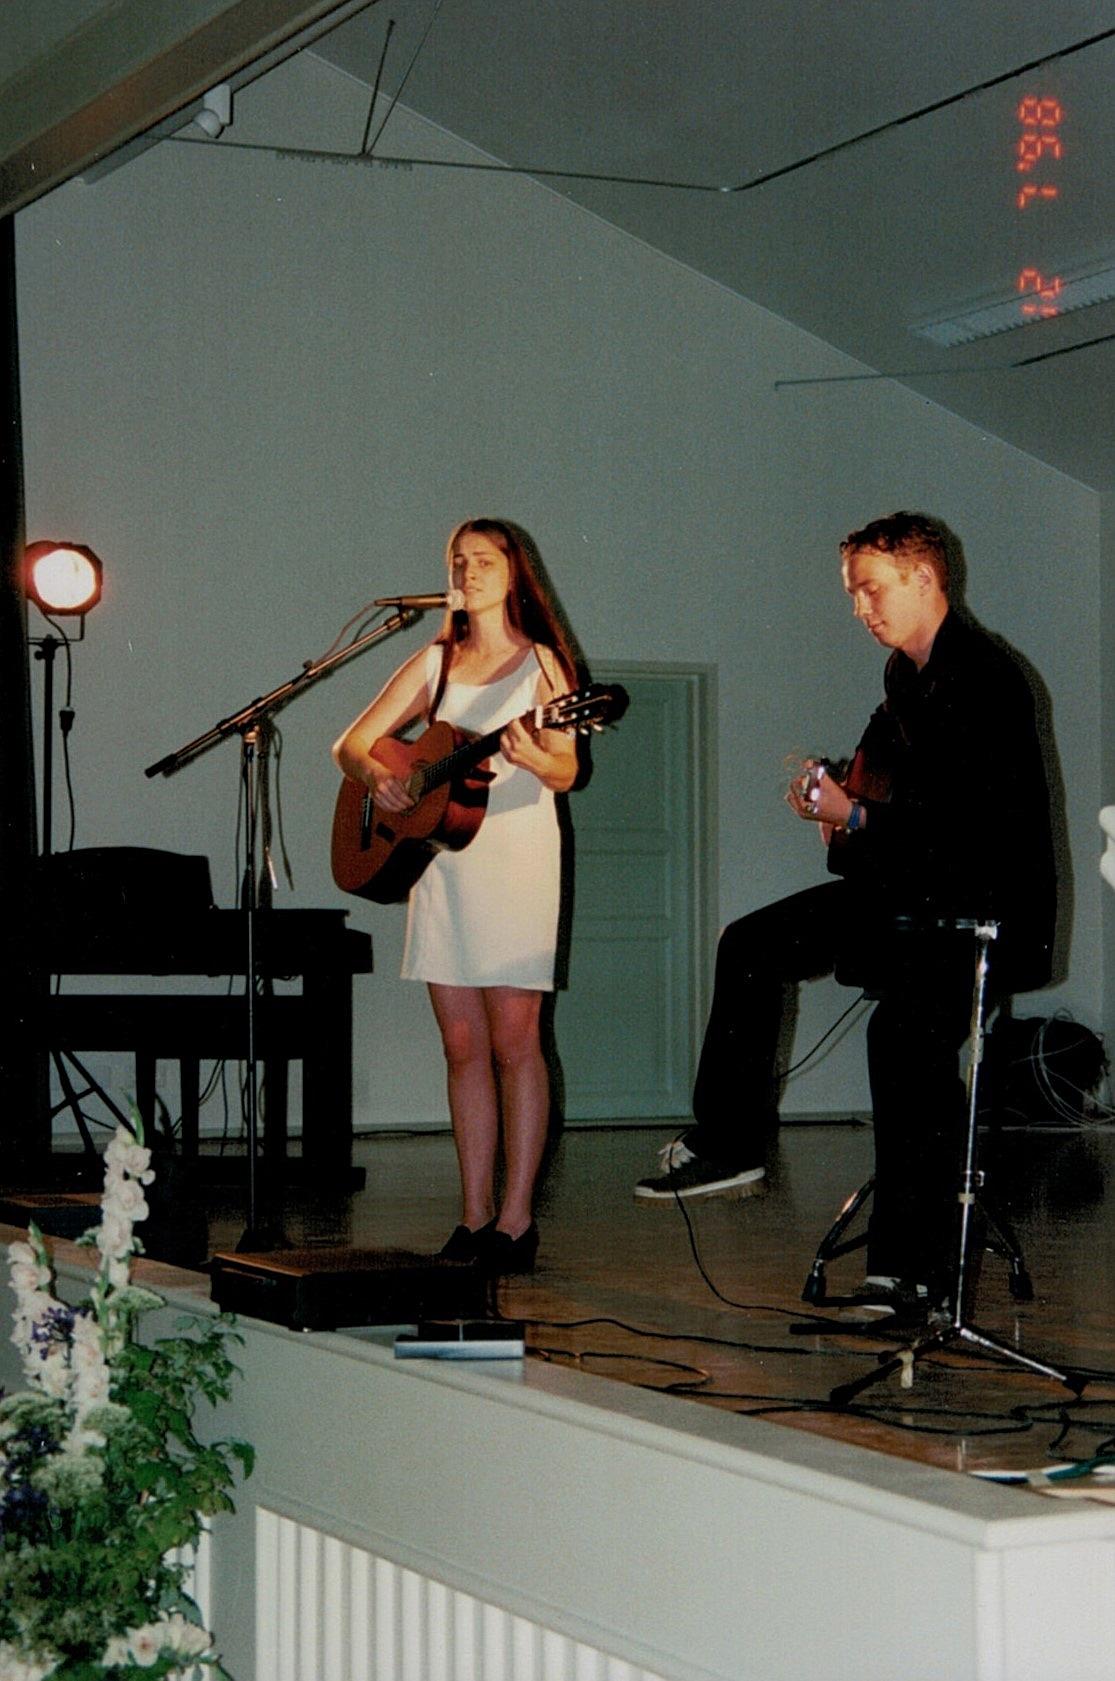 Nanna Rosengård tillsammans med Jimmy Westerlund uppträdde med sång.